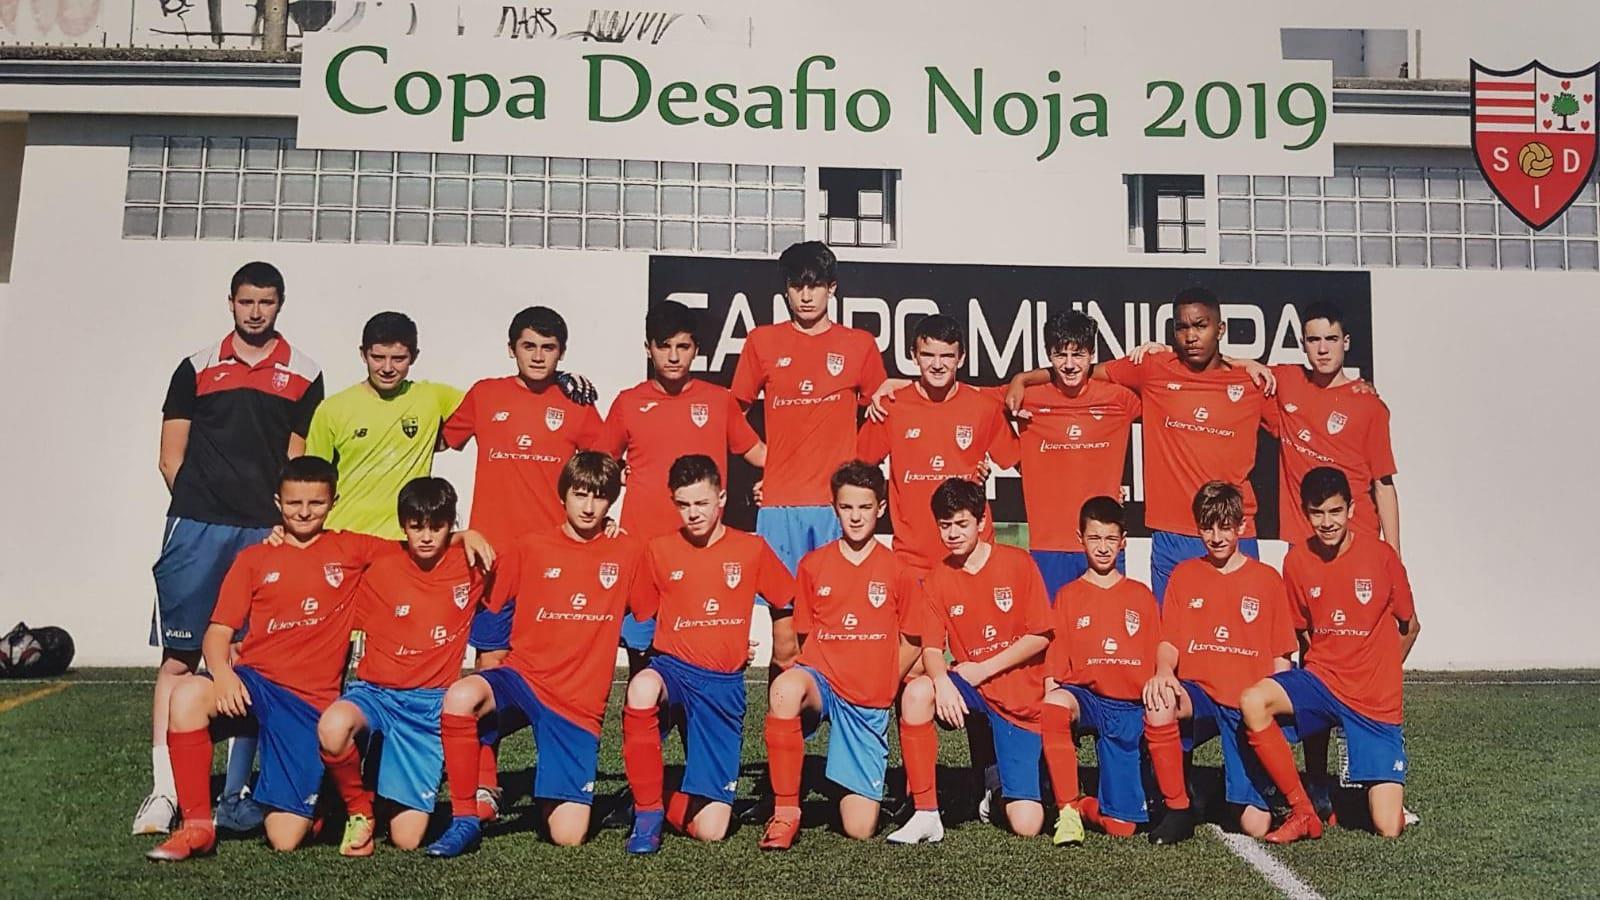 El Infantil 2005R subcampeón de la Fase plata del prestigioso Torneo Copa Desafio Villa de Noja